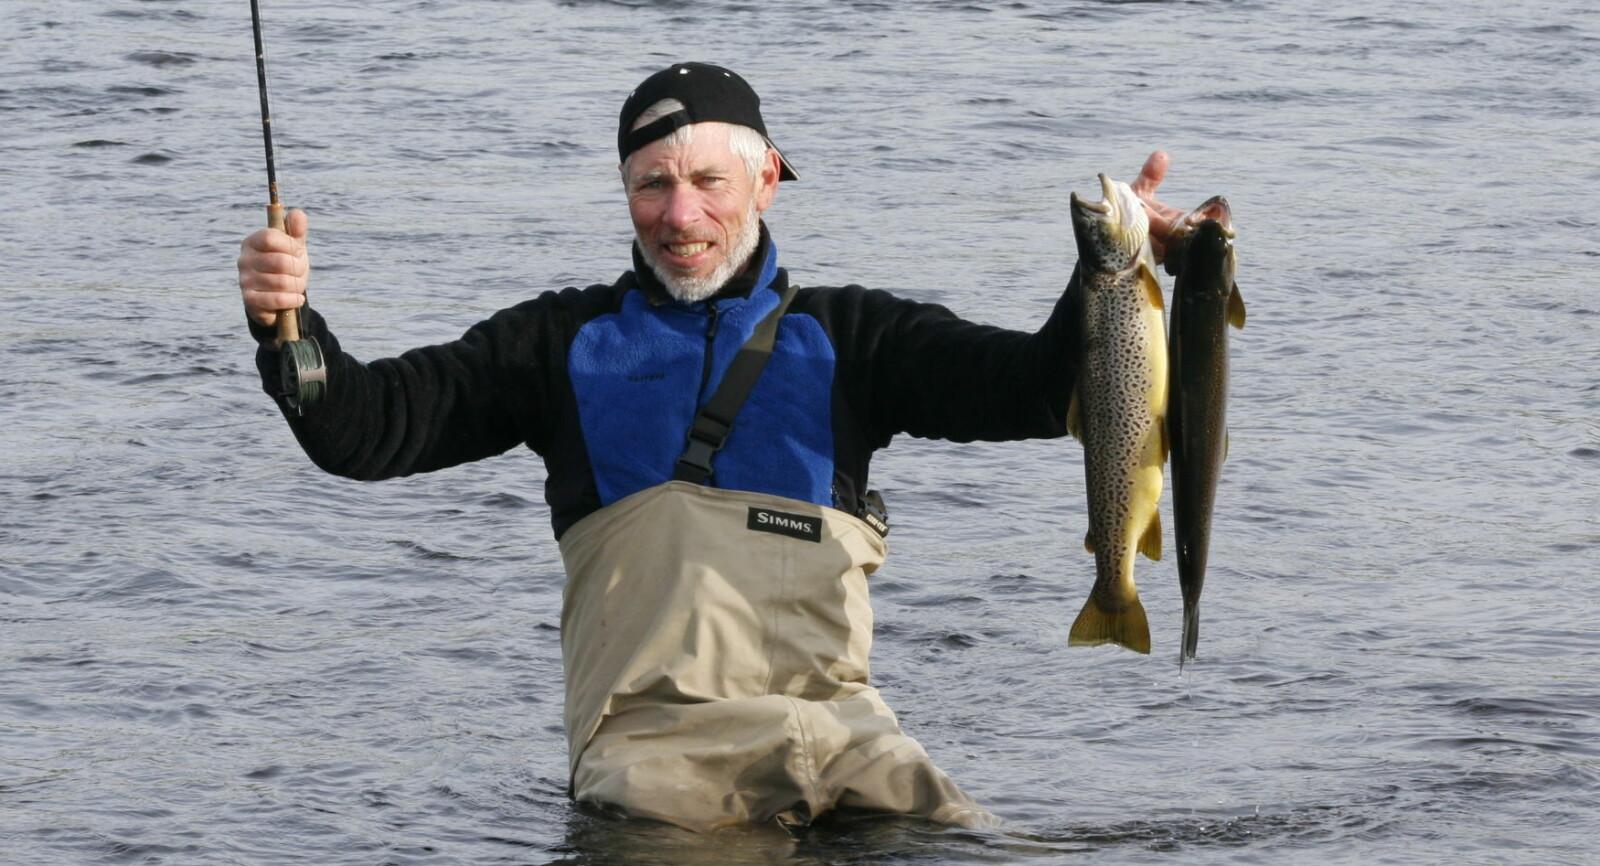 <b>ØRRETFISKE:</b> Dag Kjelsaas er en erfaren jeger og fisker. Nå gir han deg tips til hvordan du fanger ørreten når du fisker i elv.